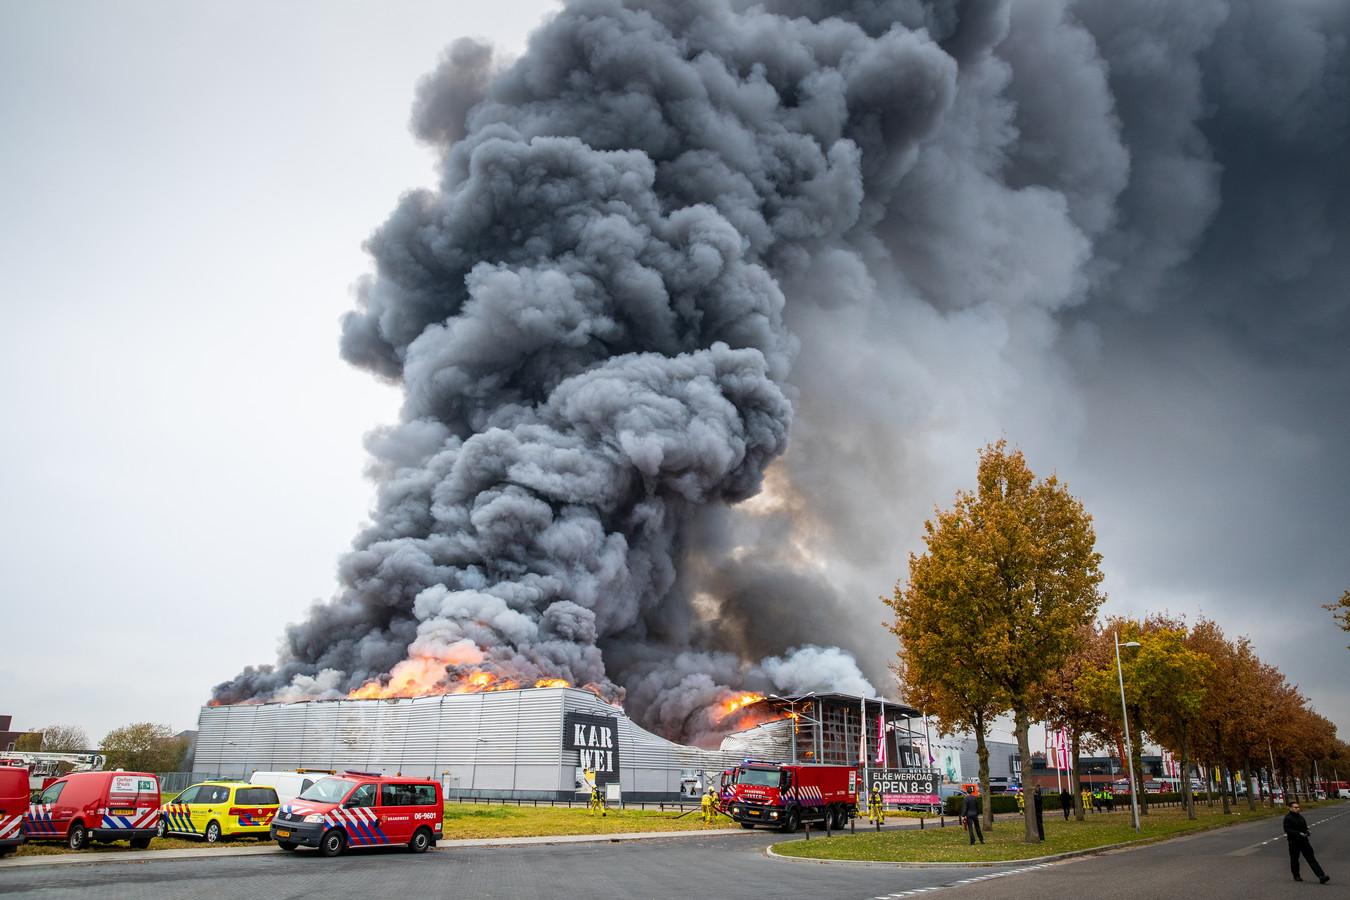 Even voor 10.30 uur brak er op 27 november 2018 brand in uit in de Karwei aan de Laan van de Dierenriem in Apeldoorn. Binnen no-time stond de hele zaak in lichterlaaie.